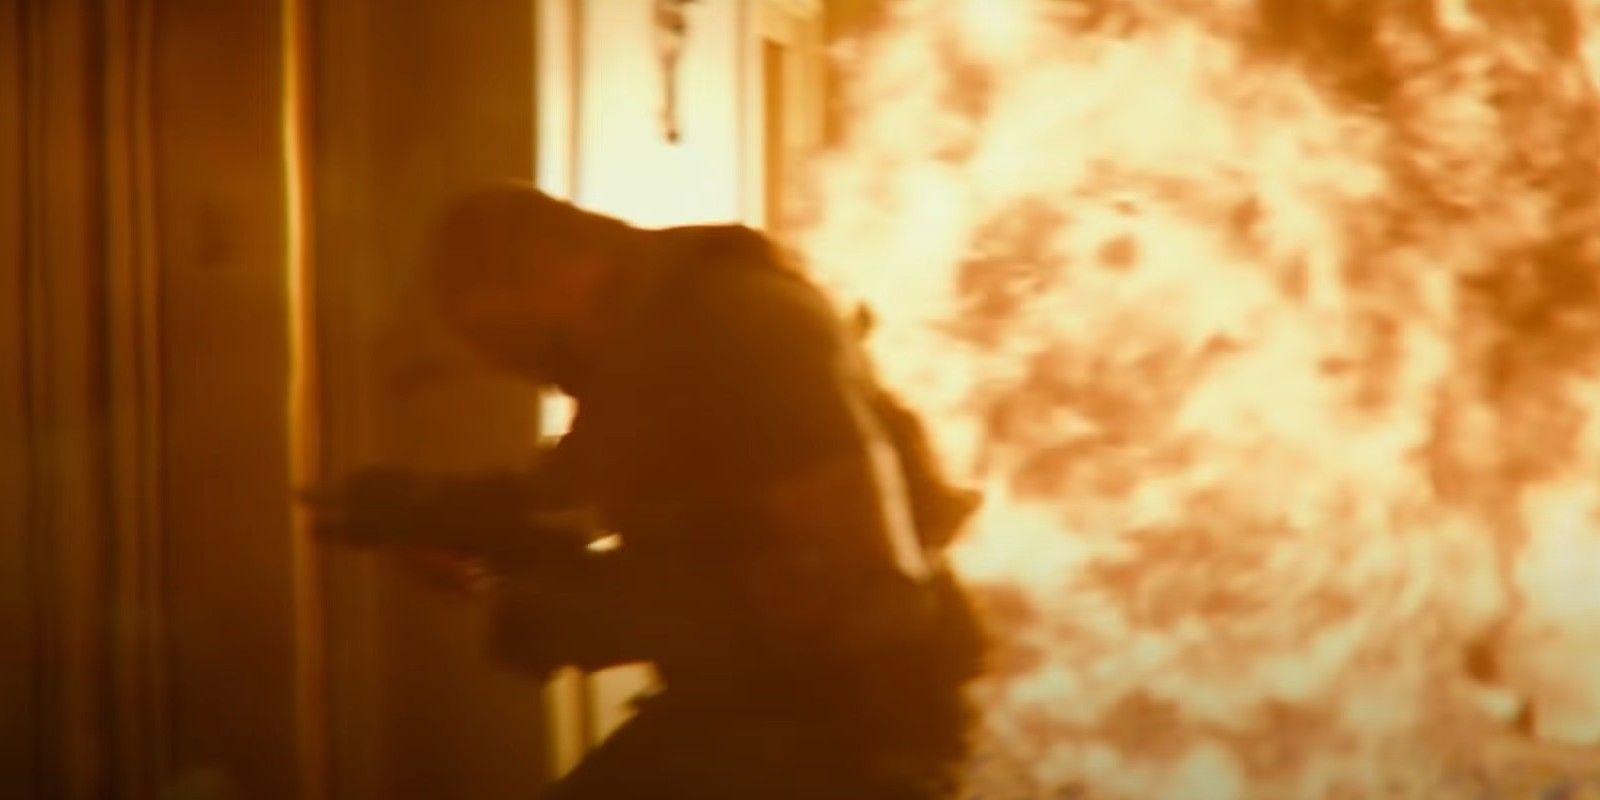 Análise do trailer Army of the Dead: Invasão em Las Vegas: 31 revelações e segredos da história 27